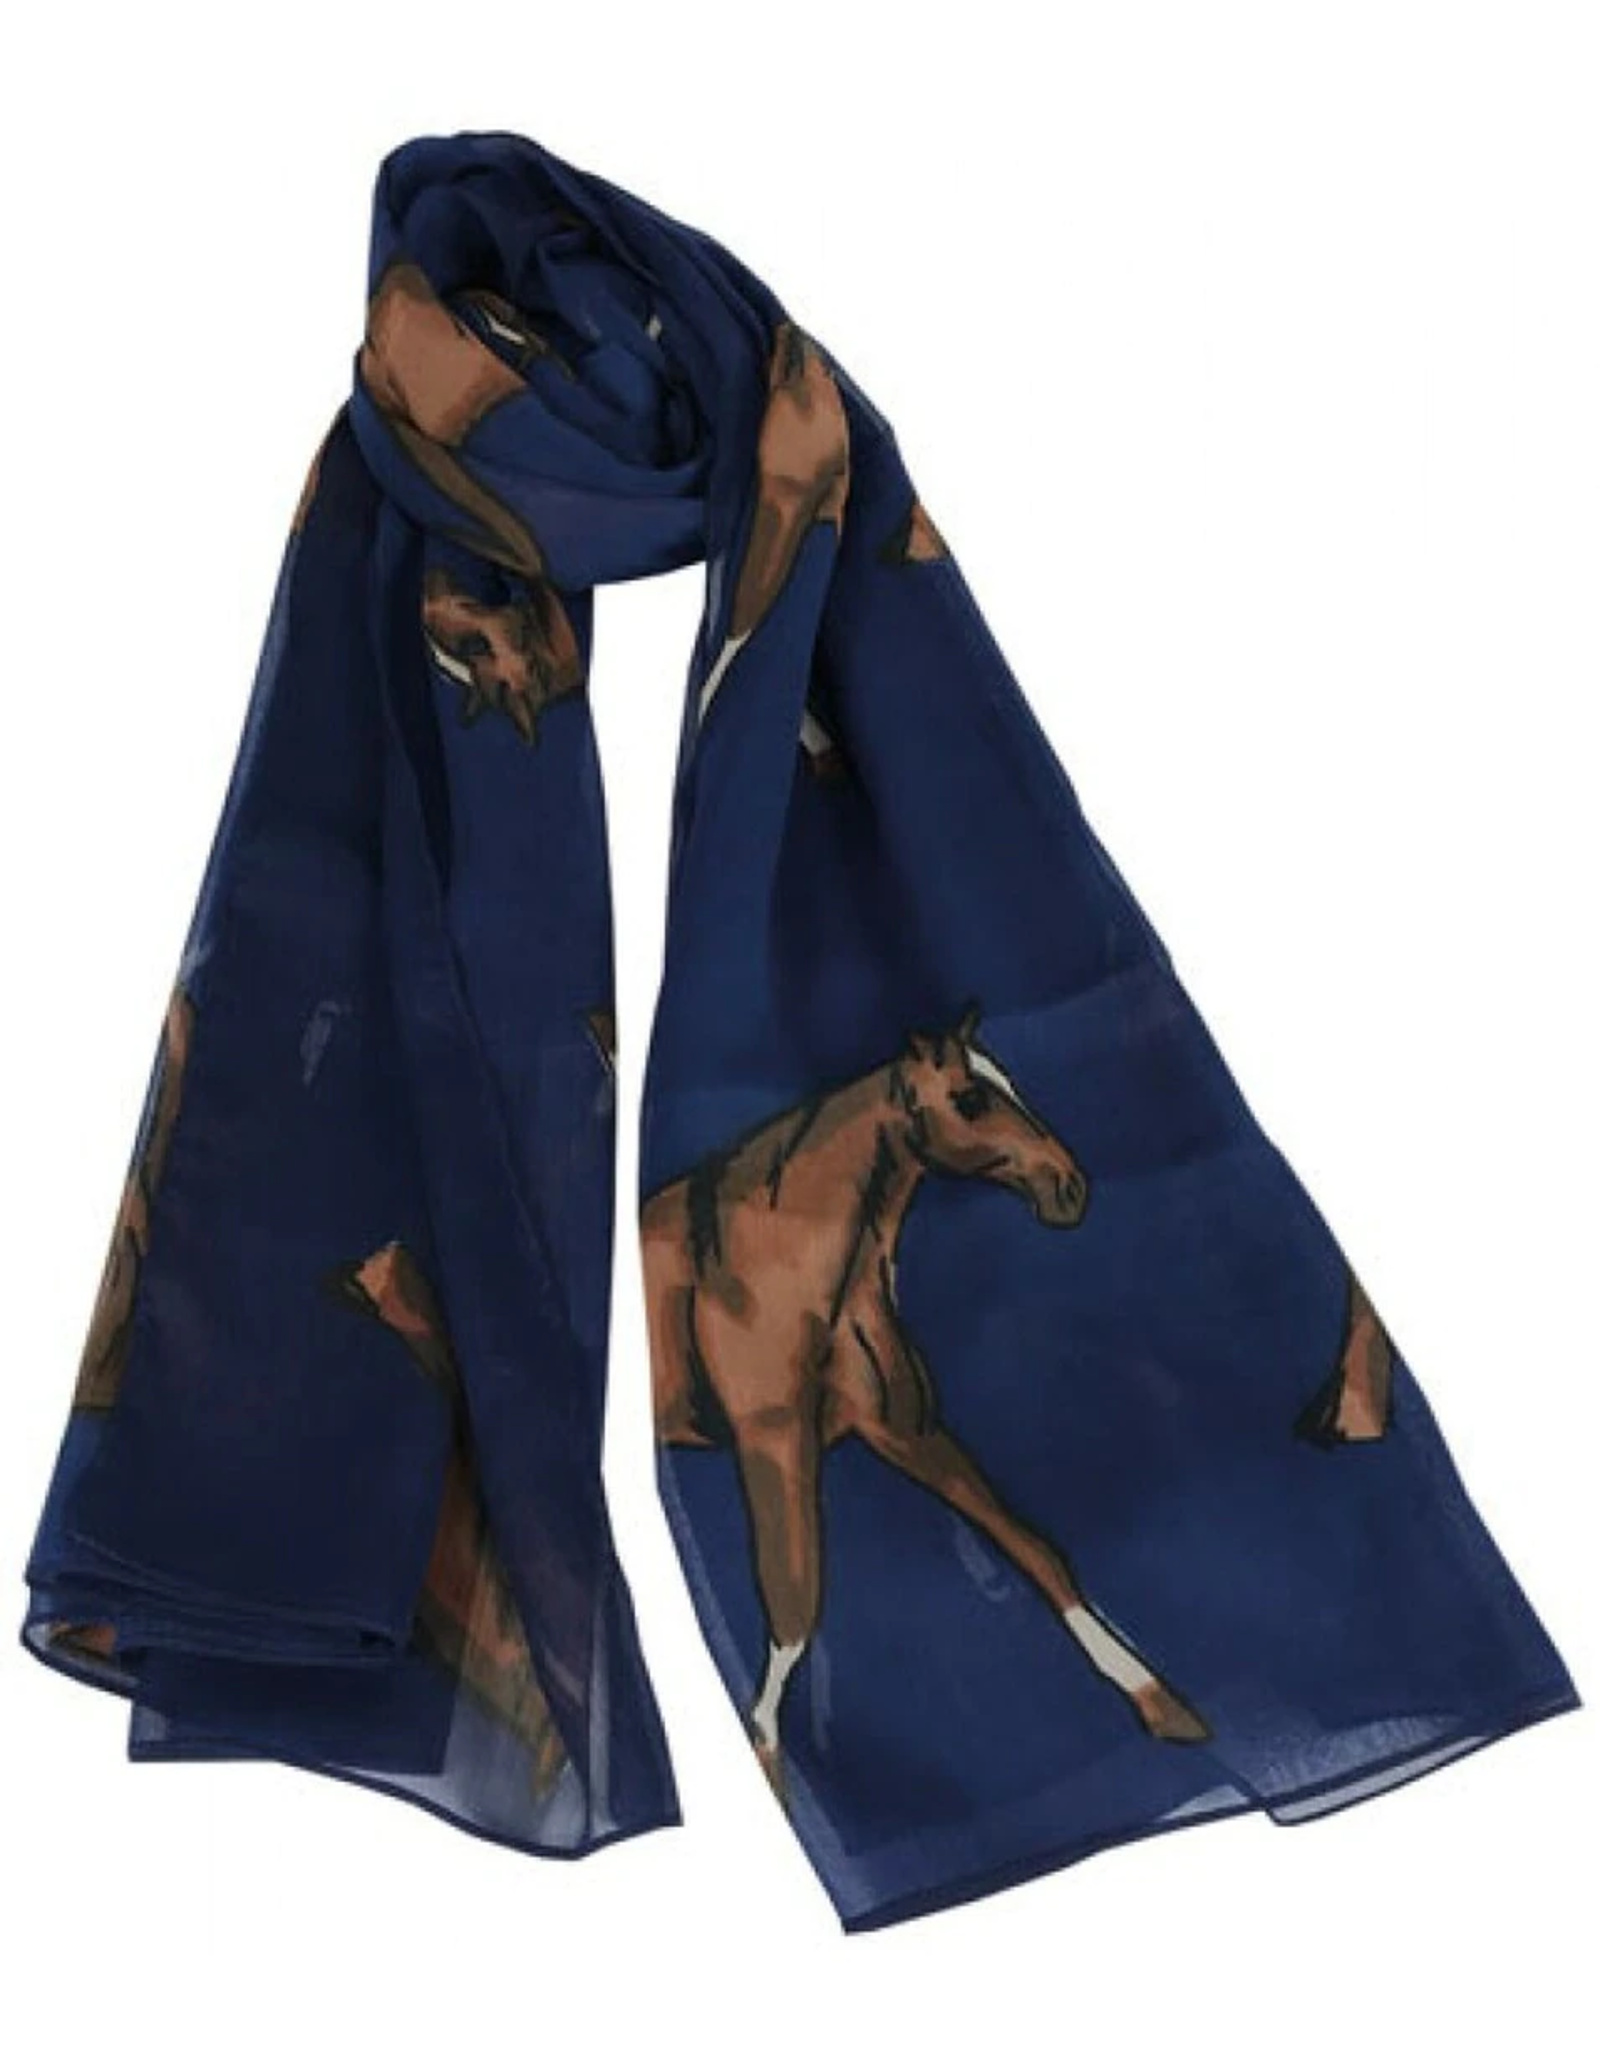 GRAYS Chiffon Scarf - Royal Equestrian